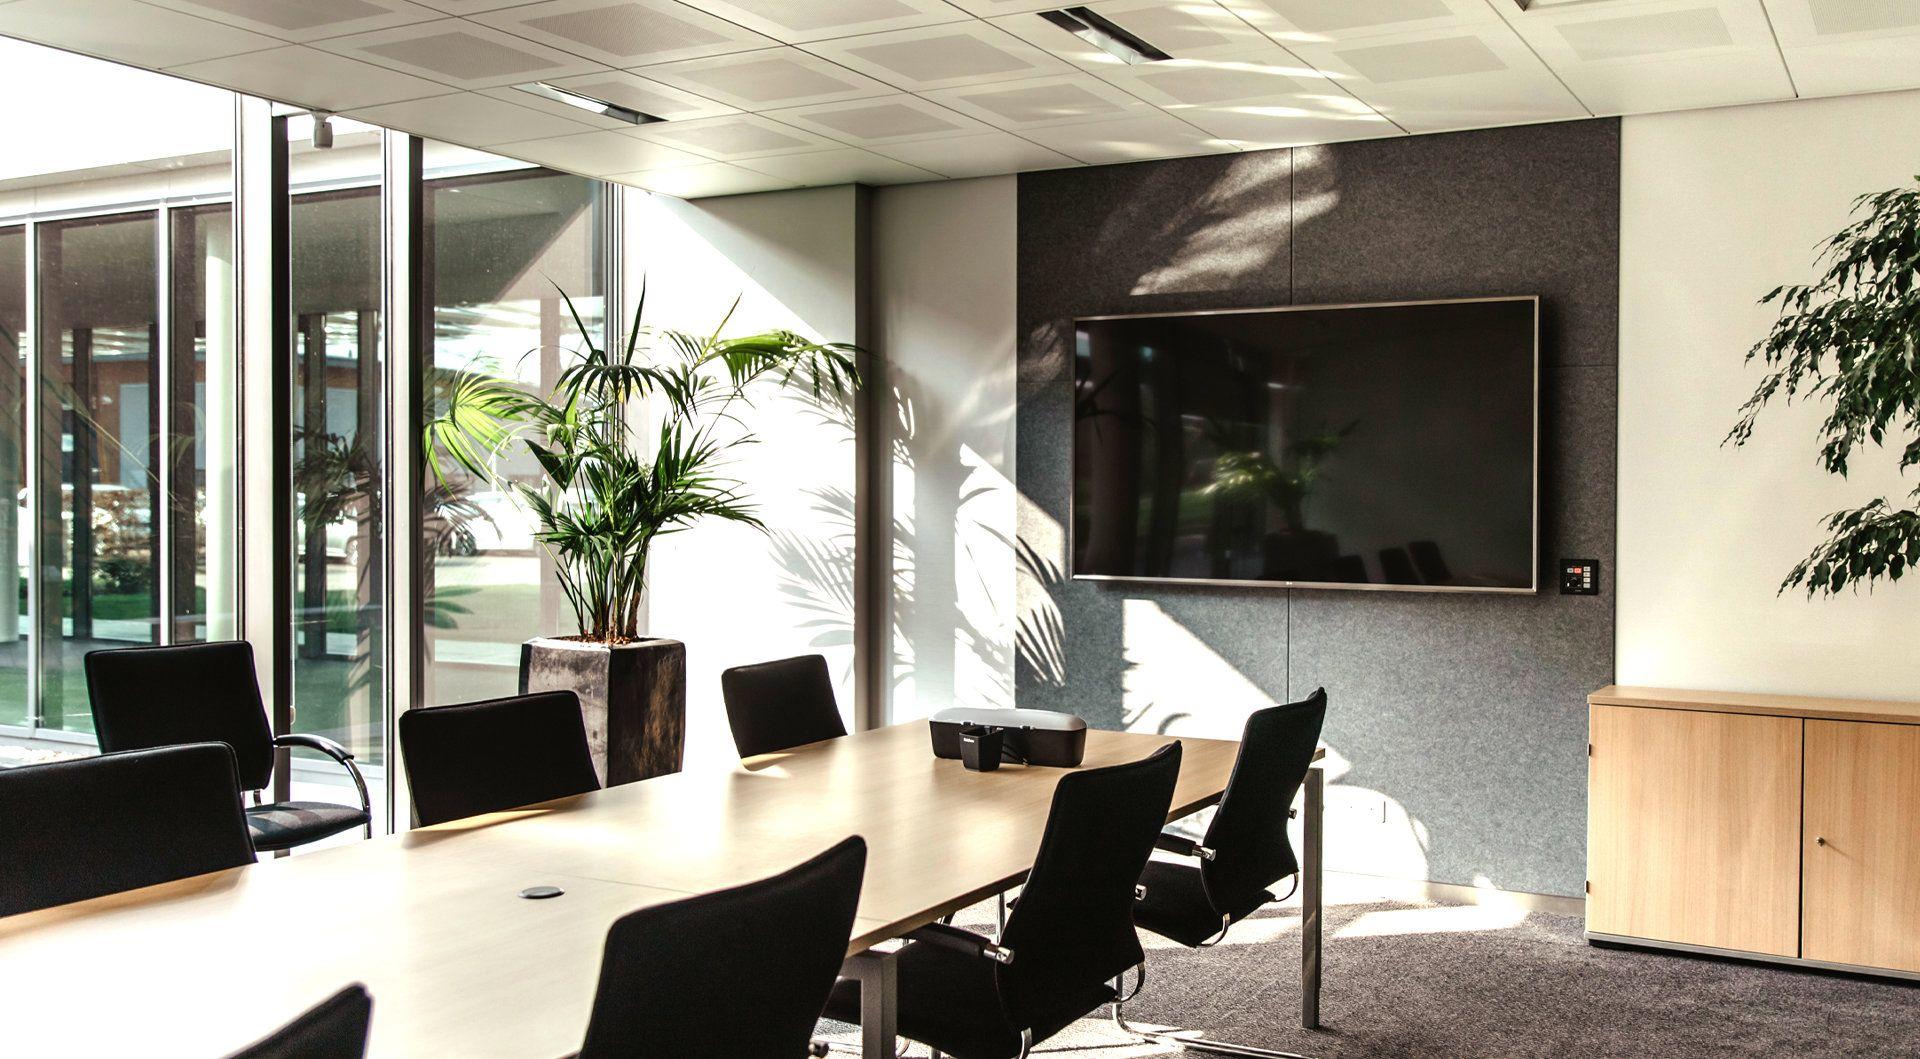 Chief CMS115 Ceiling Plate flat panel plafond steun - Case studie de vries